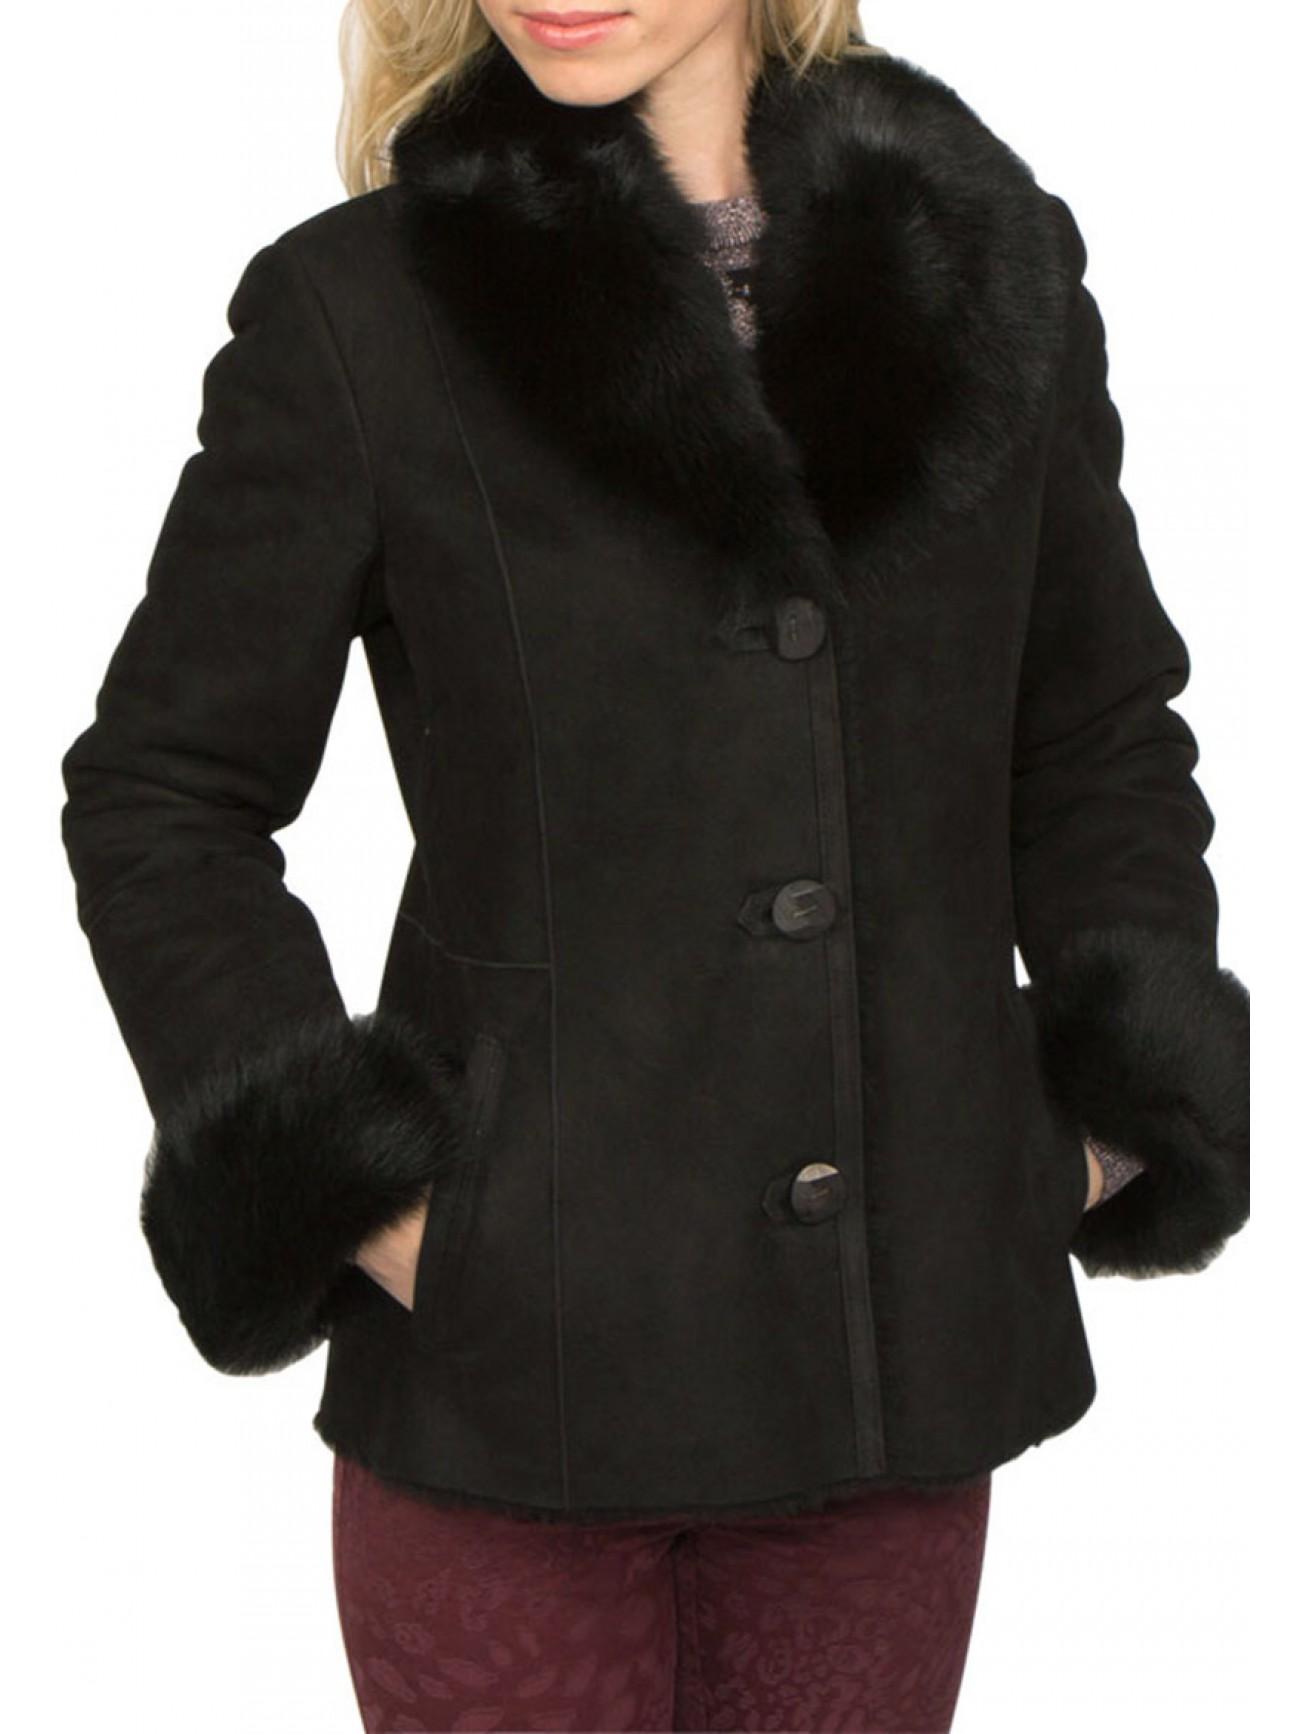 Shearling coats and shearling jackets